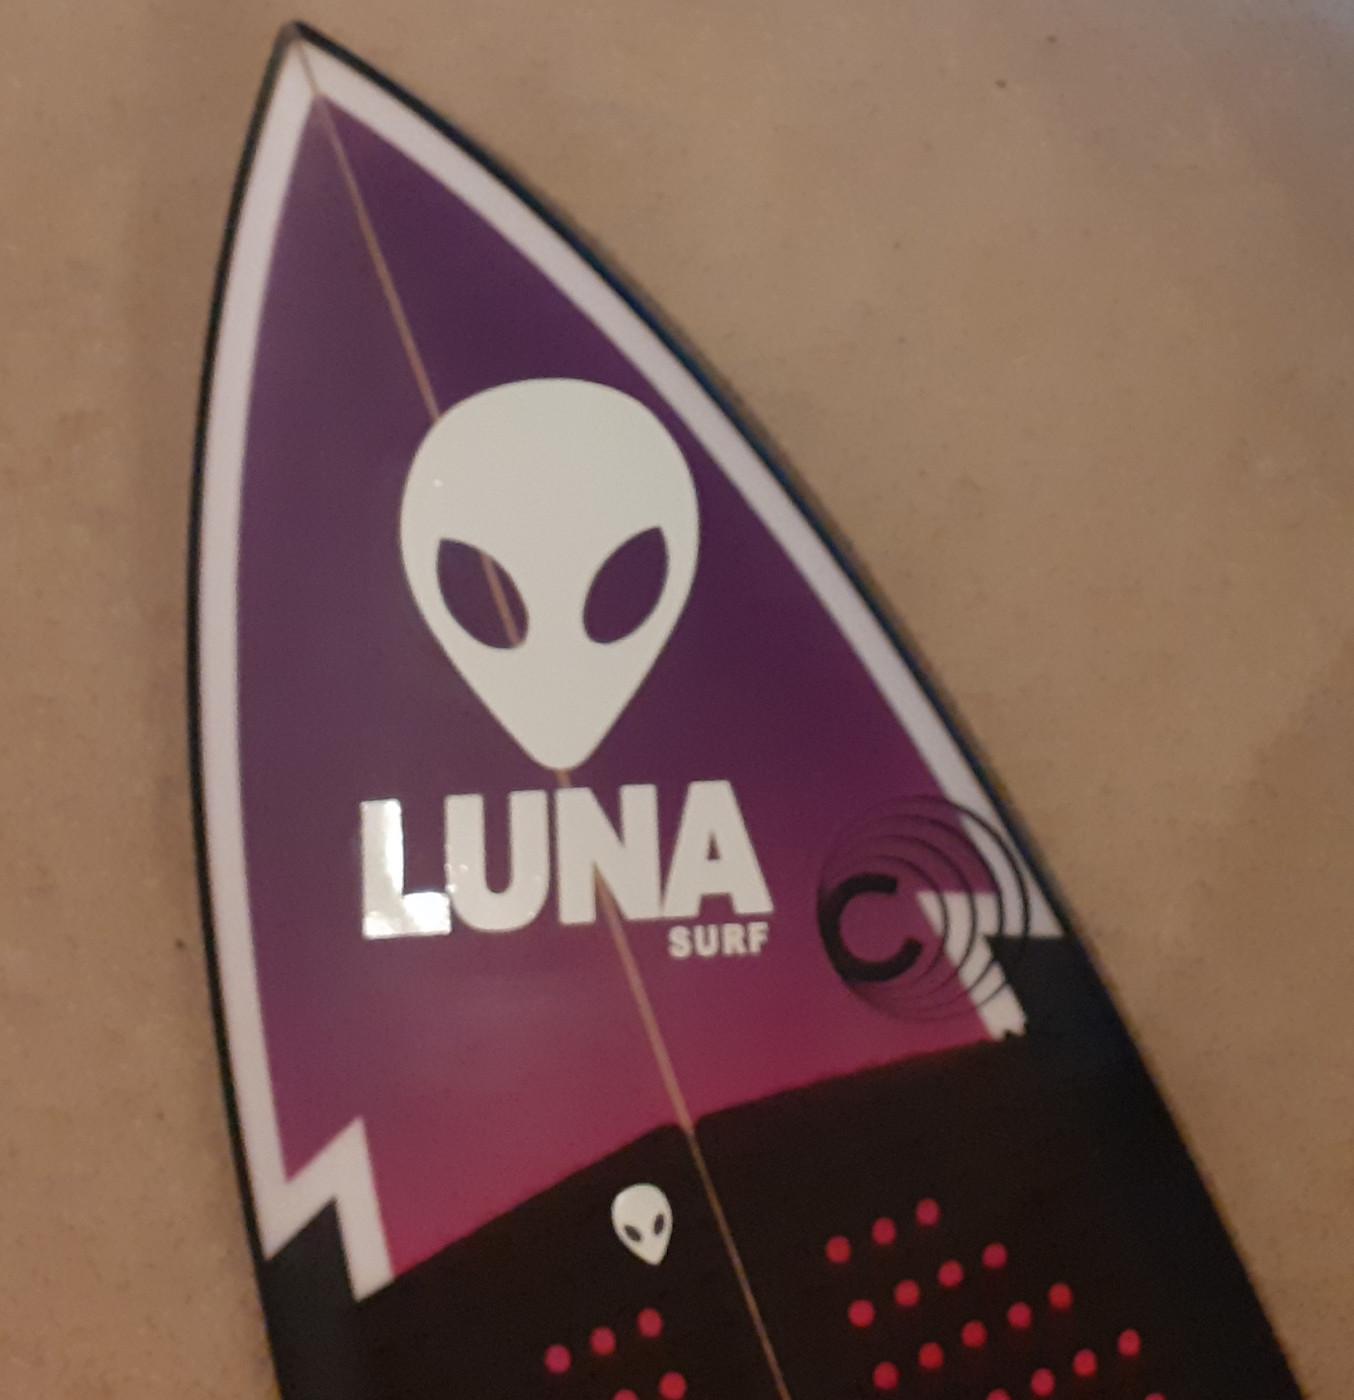 White Lunasurf Alien Head Logo Sticker